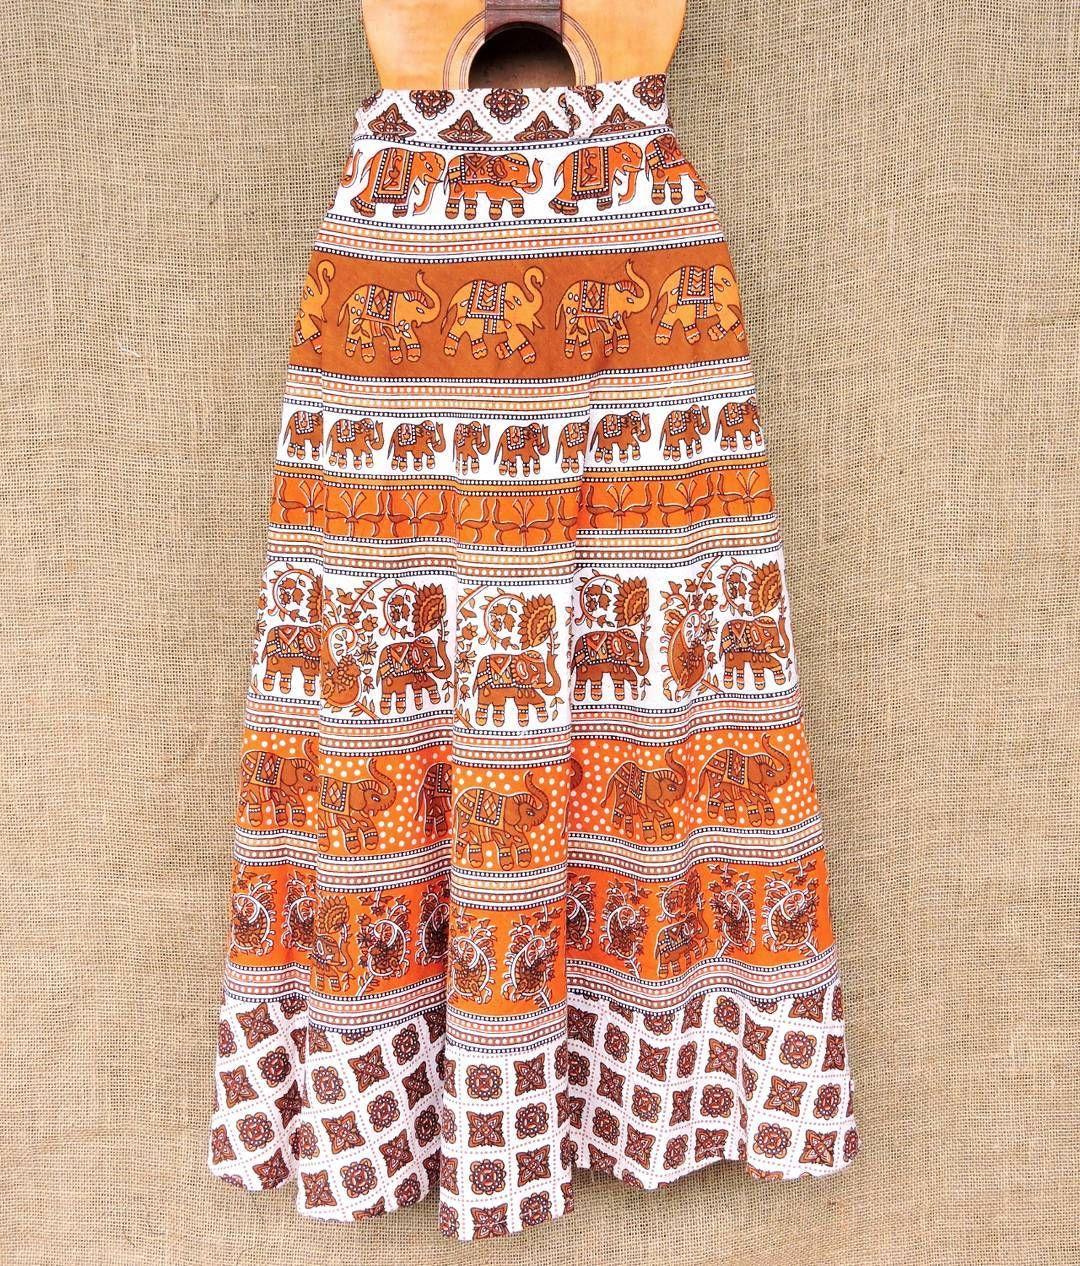 26becf1939 Saias indianas envelope. Estampas lindas e artesanais em algodão. Saiba  mais pelo nosso Whatsapp